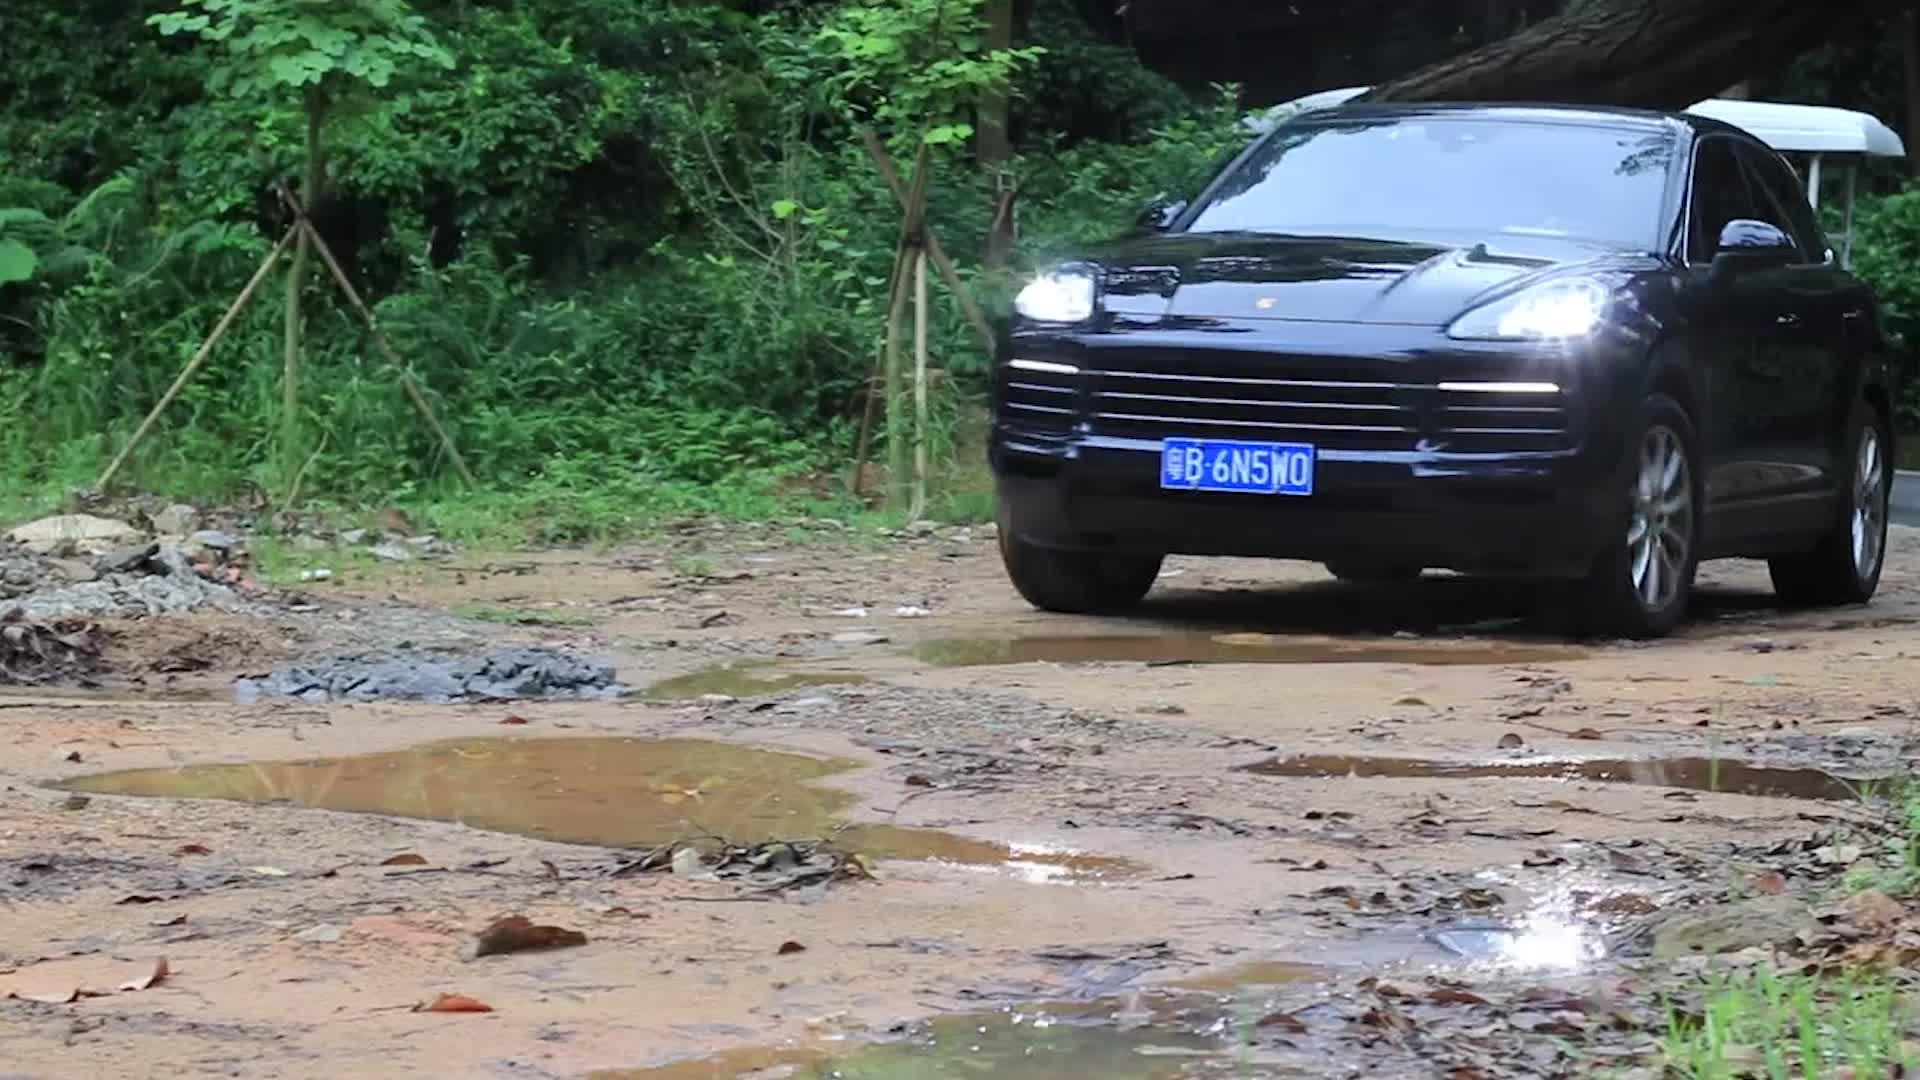 高圧ポータブルセルフサービス多機能洗車クリーニングすすぎスプレー、泡ノズル、掃除機洗車クリーニングキット